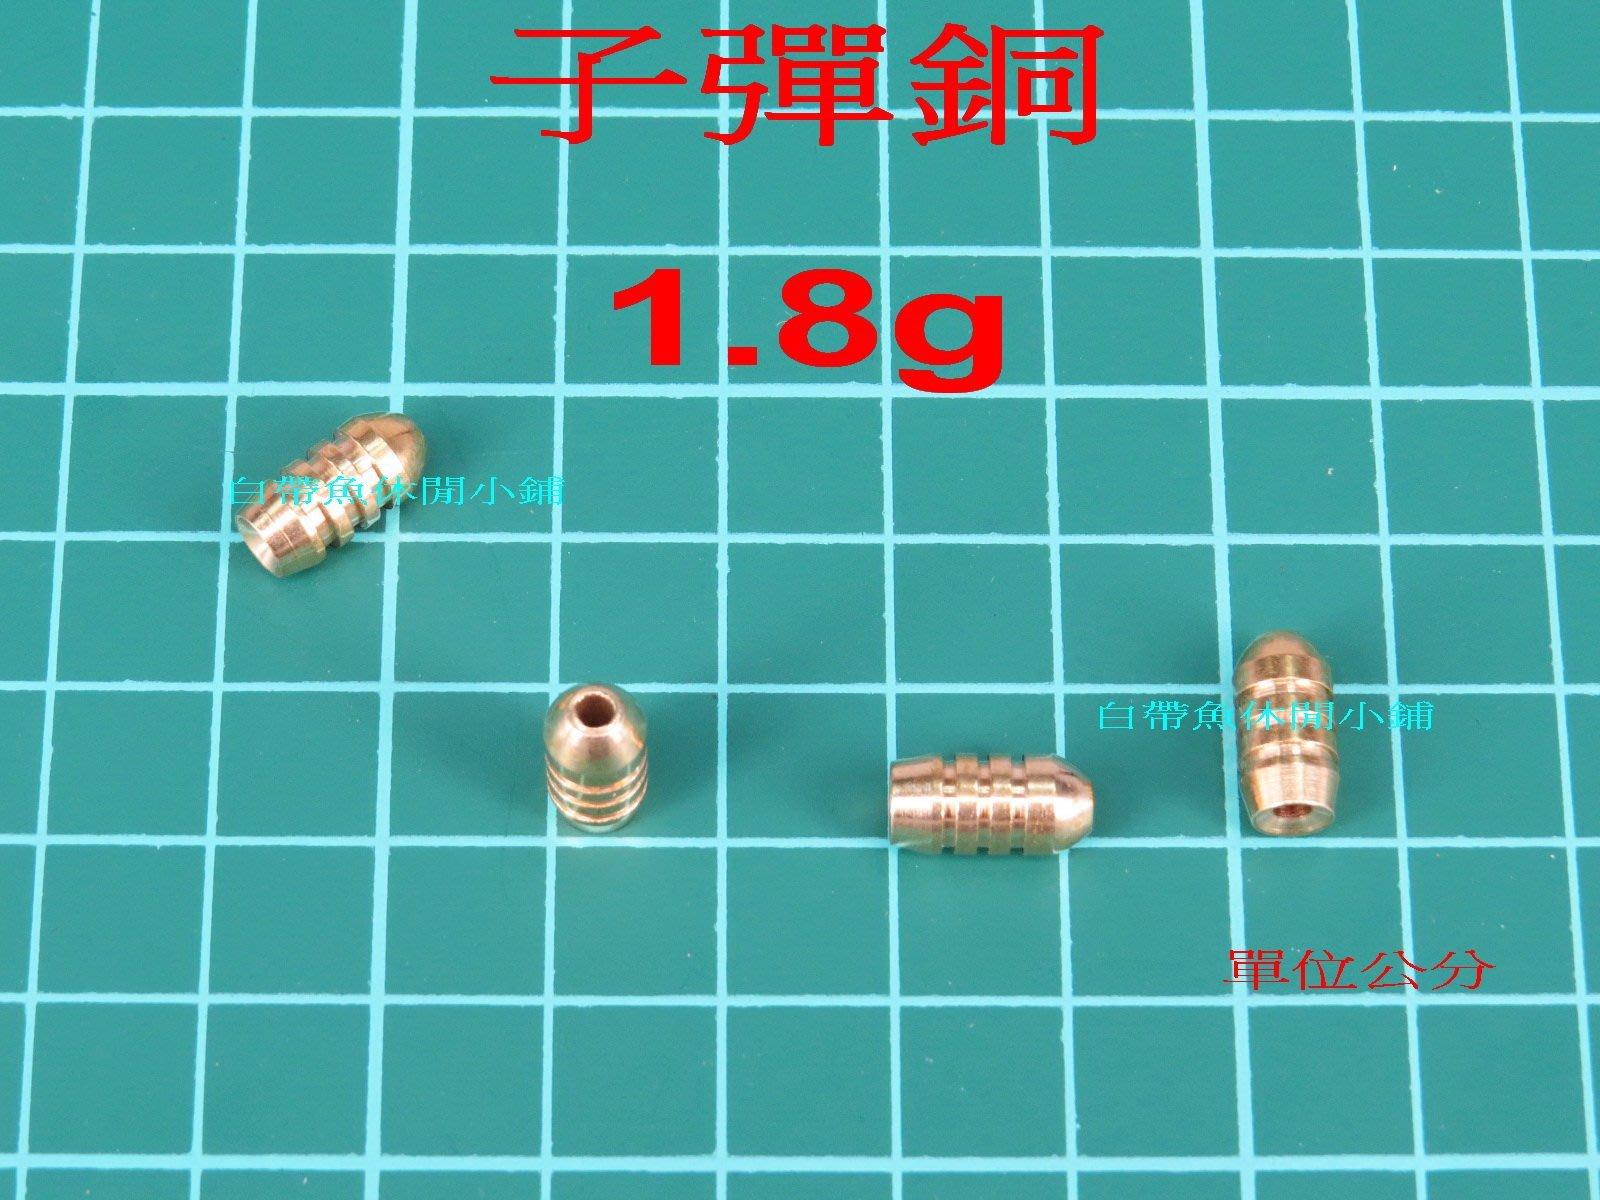 (訂單滿500超取免運費) 白帶魚休閒小鋪 AP-002-10 子彈銅 1.8g